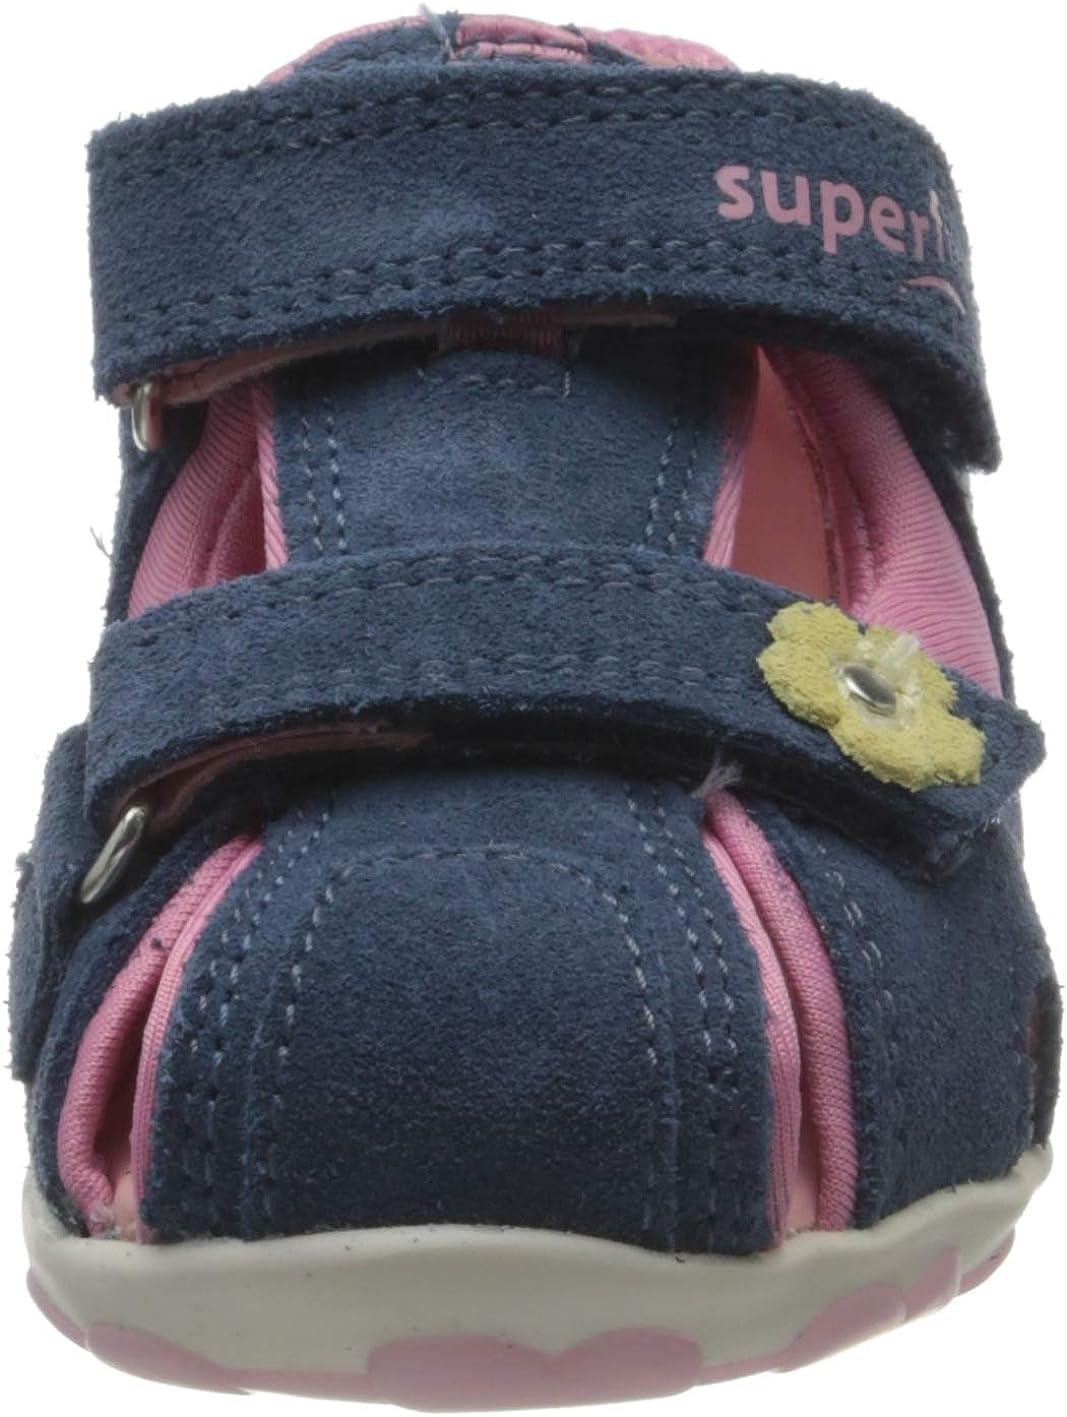 Superfit Baby Girls/' Fanni Sandals